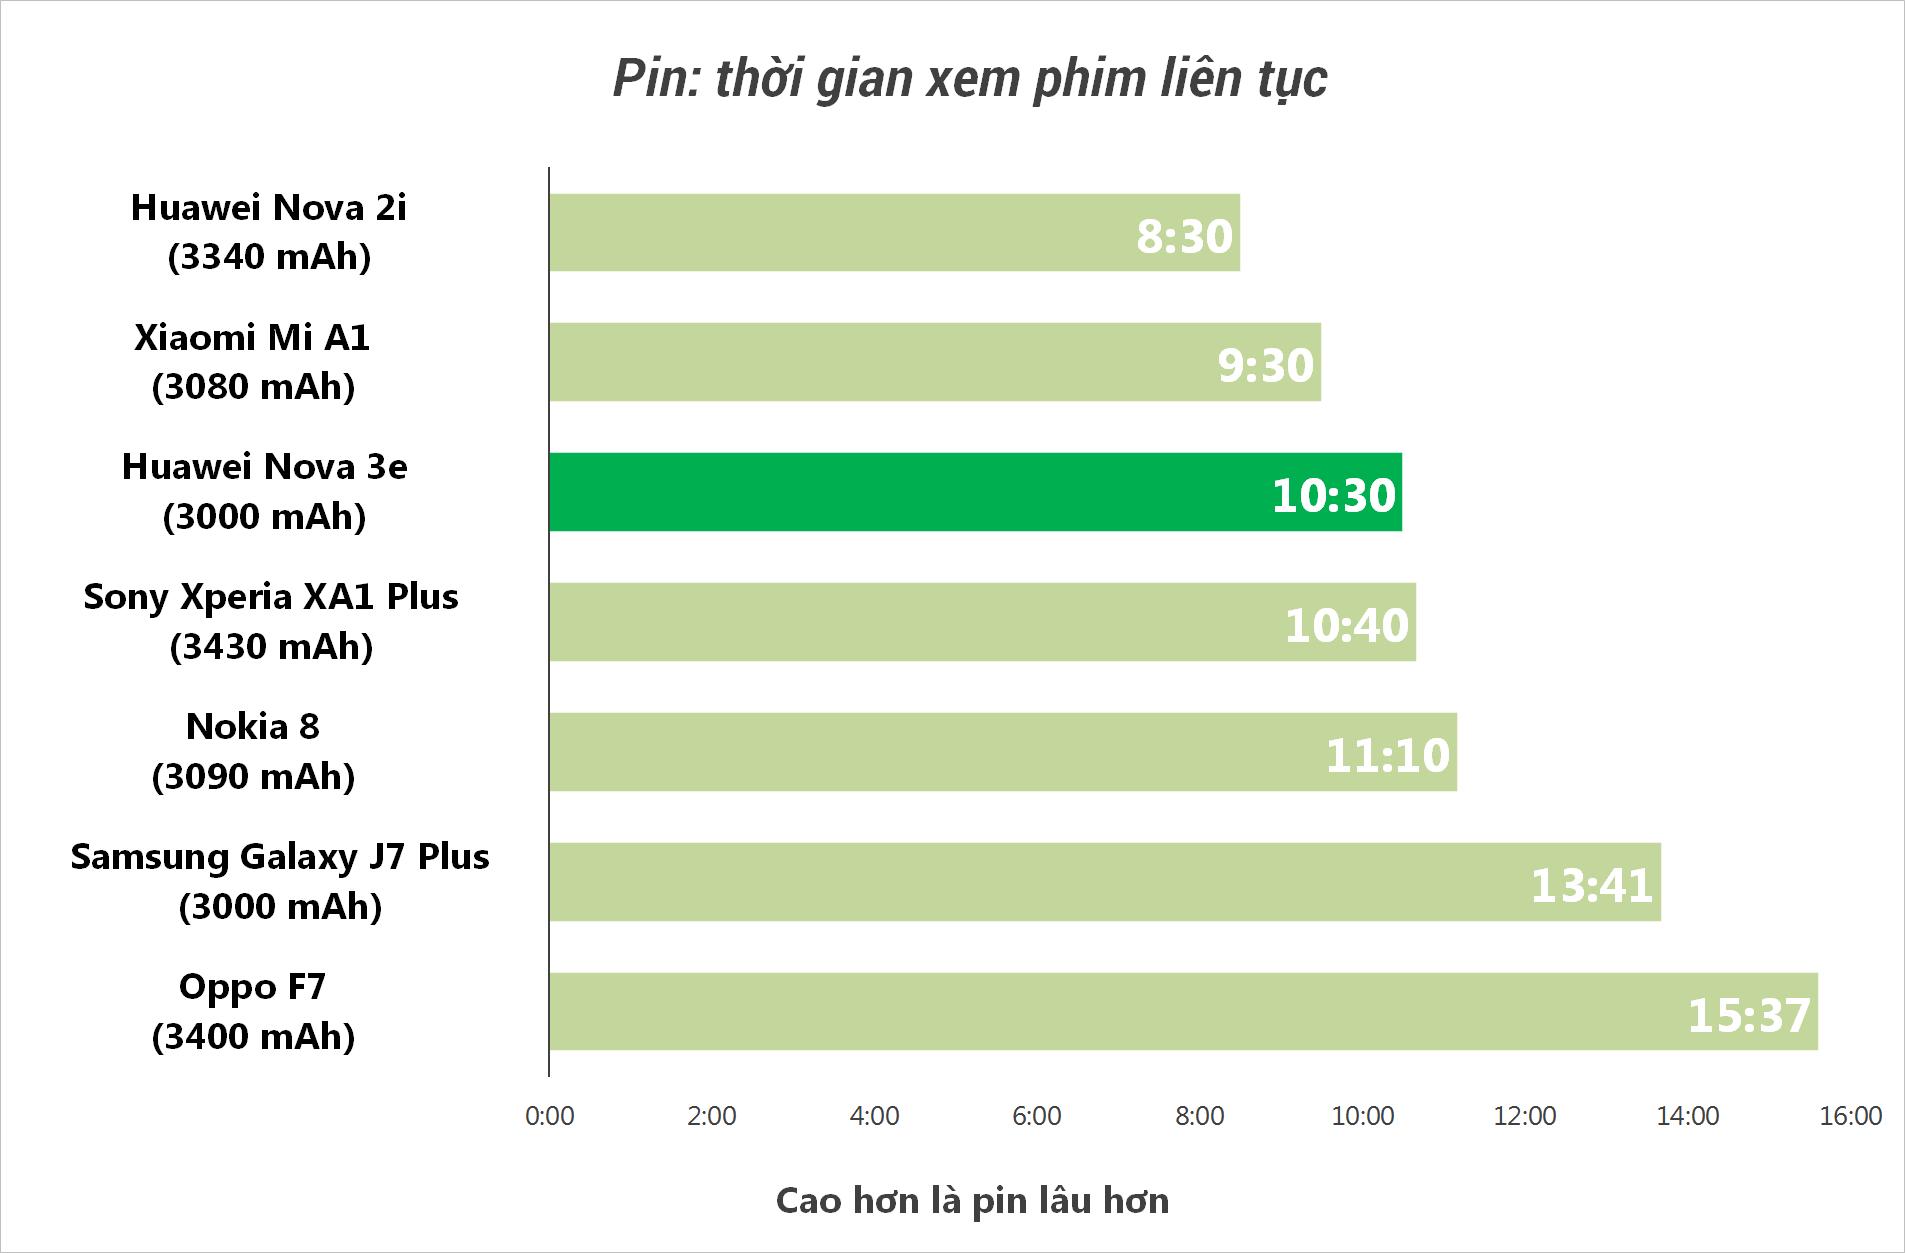 Đánh giá Huawei Nova 3e: Thiết kế ghi điểm cao, camera và hiệu năng chưa ấn tượng